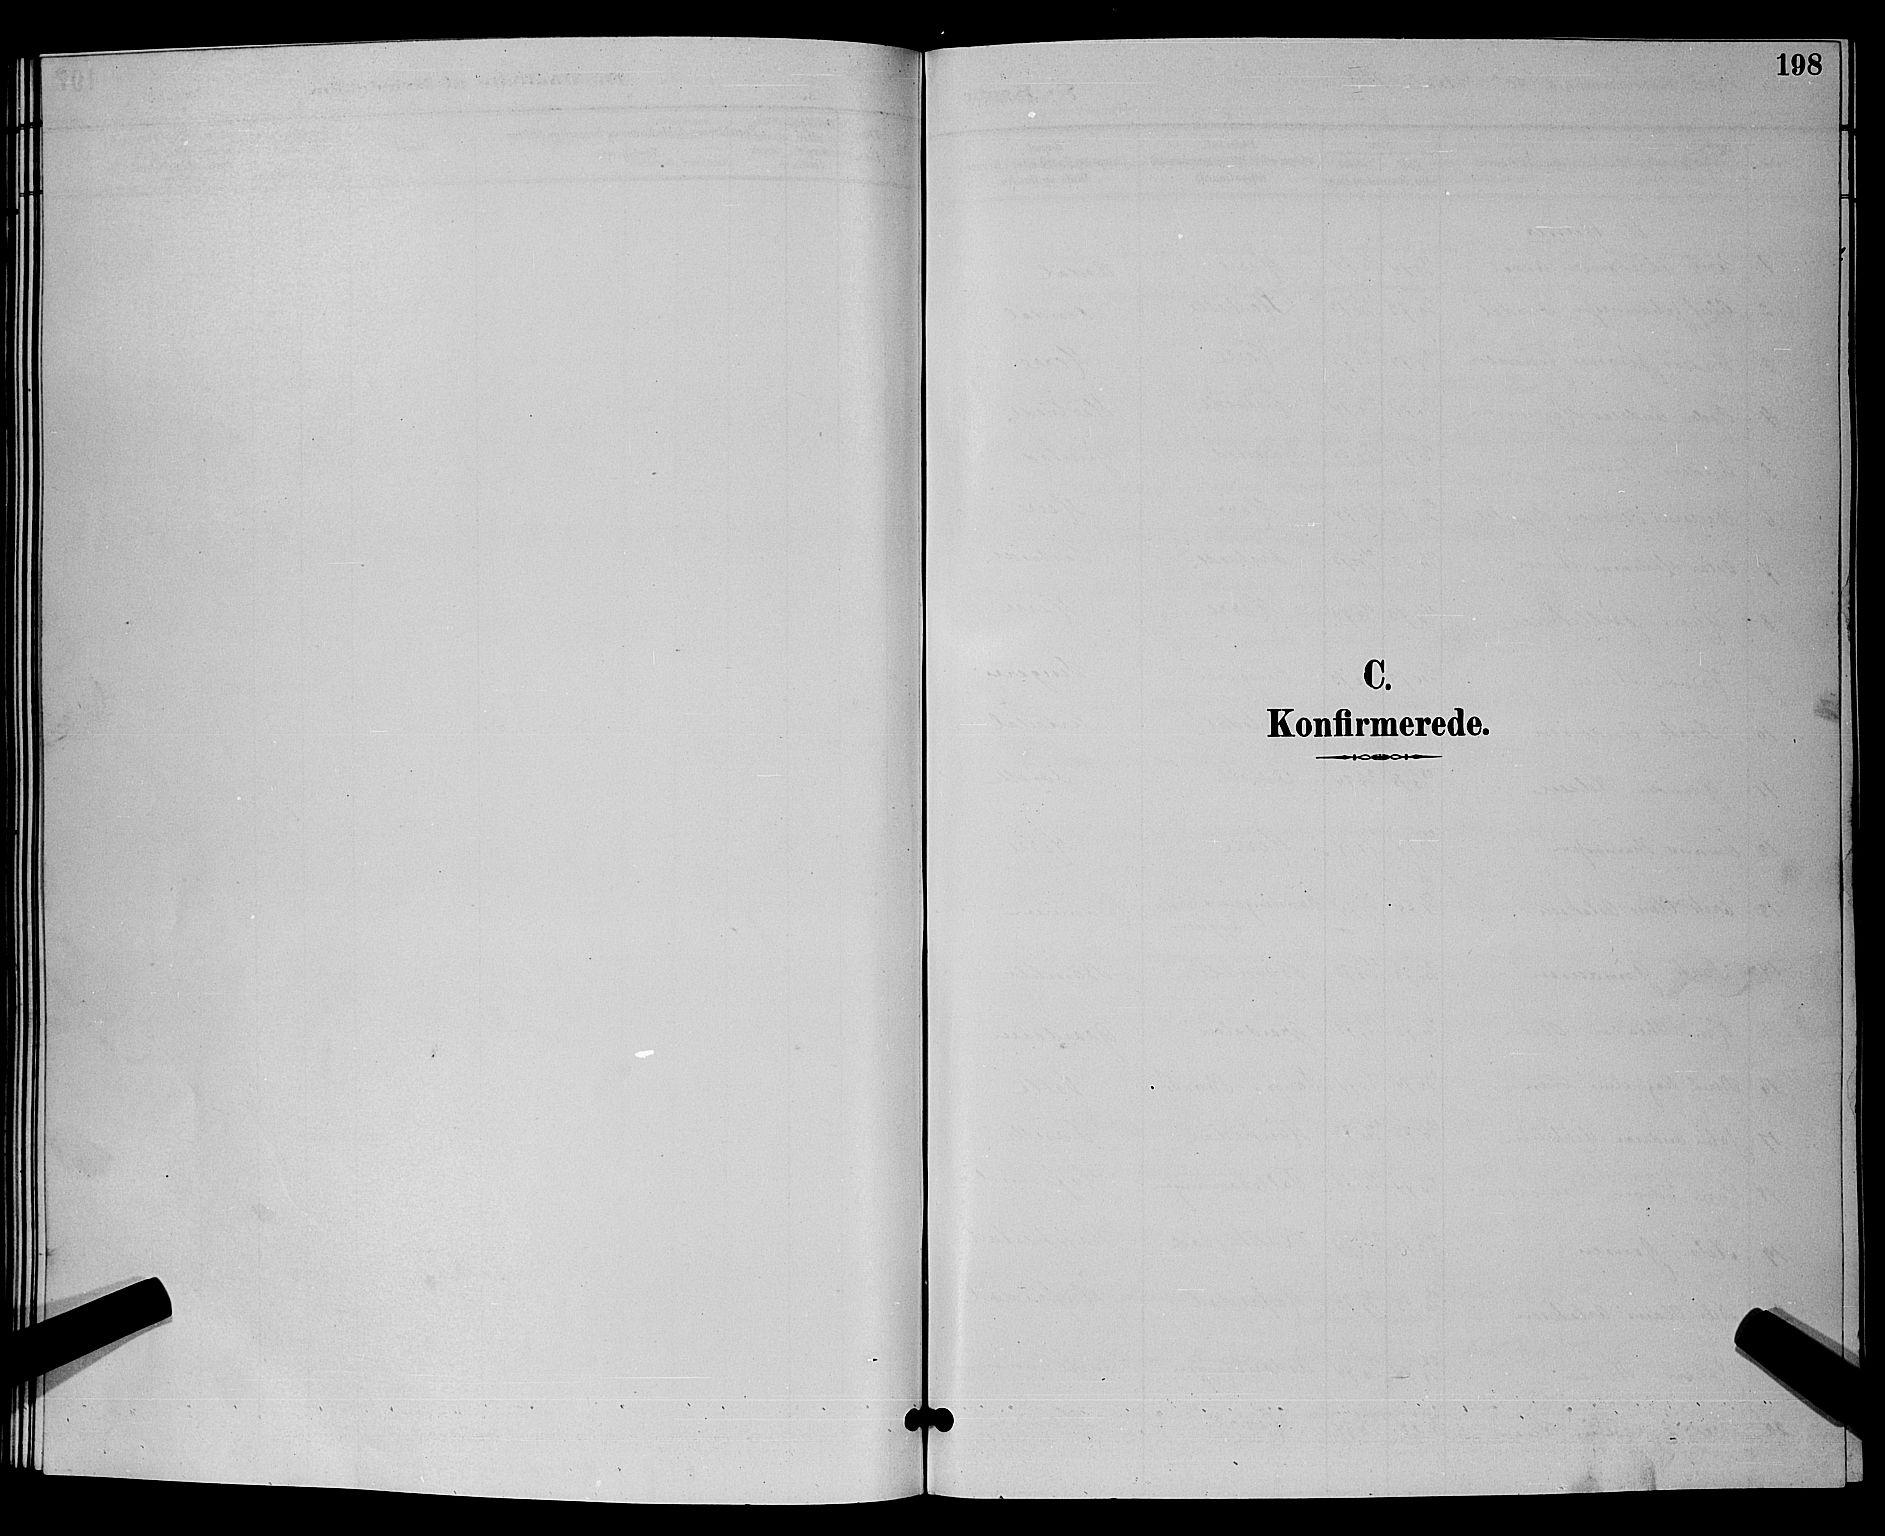 SAKO, Bamble kirkebøker, G/Ga/L0009: Klokkerbok nr. I 9, 1888-1900, s. 198